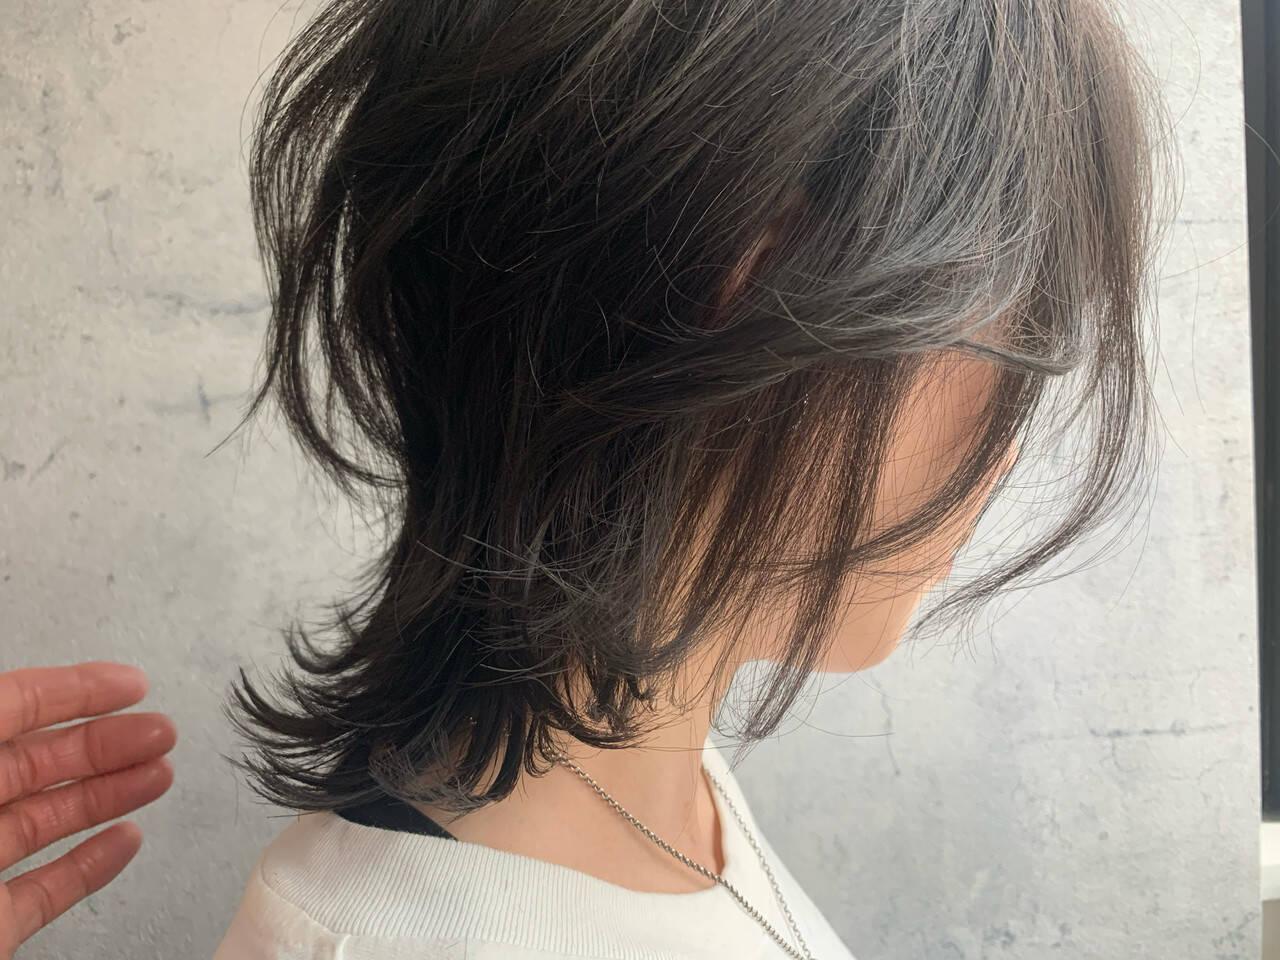 ミディアム ニュアンスウルフ ナチュラルウルフ レイヤーカットヘアスタイルや髪型の写真・画像